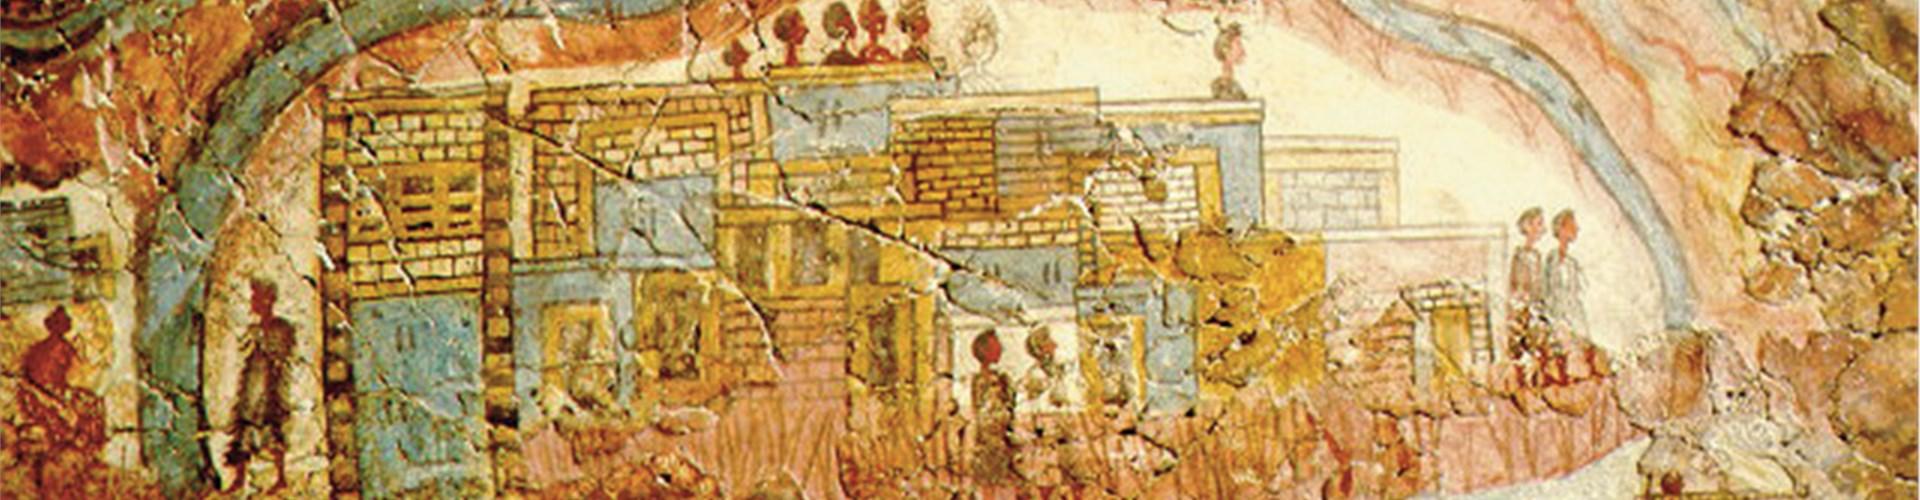 Santorini Culture